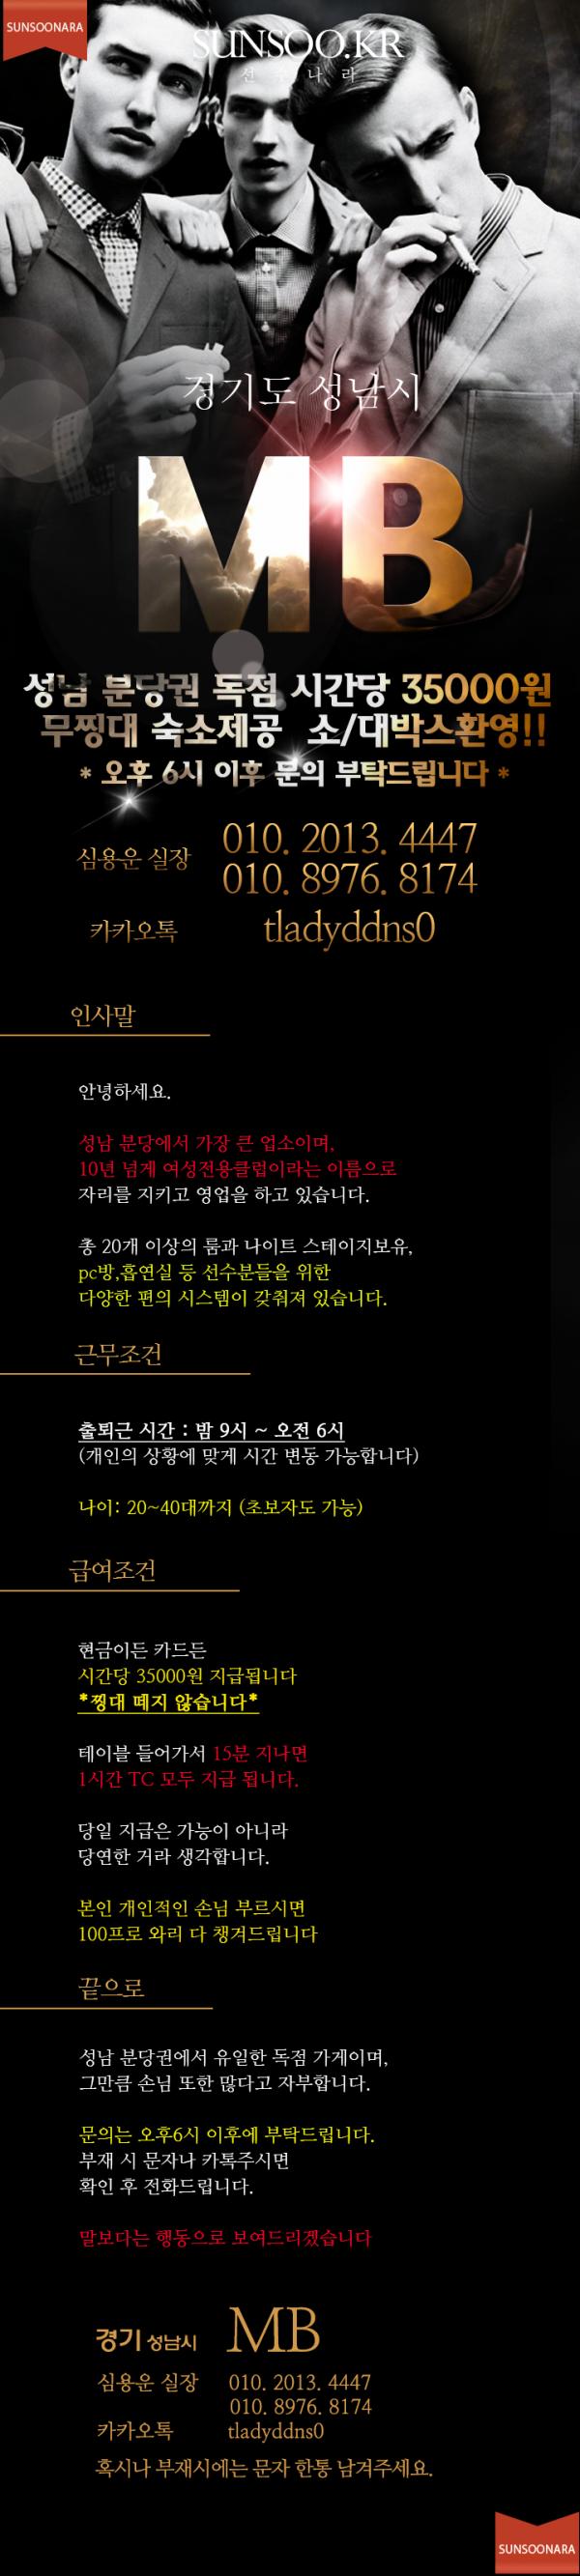 성남 MB.png